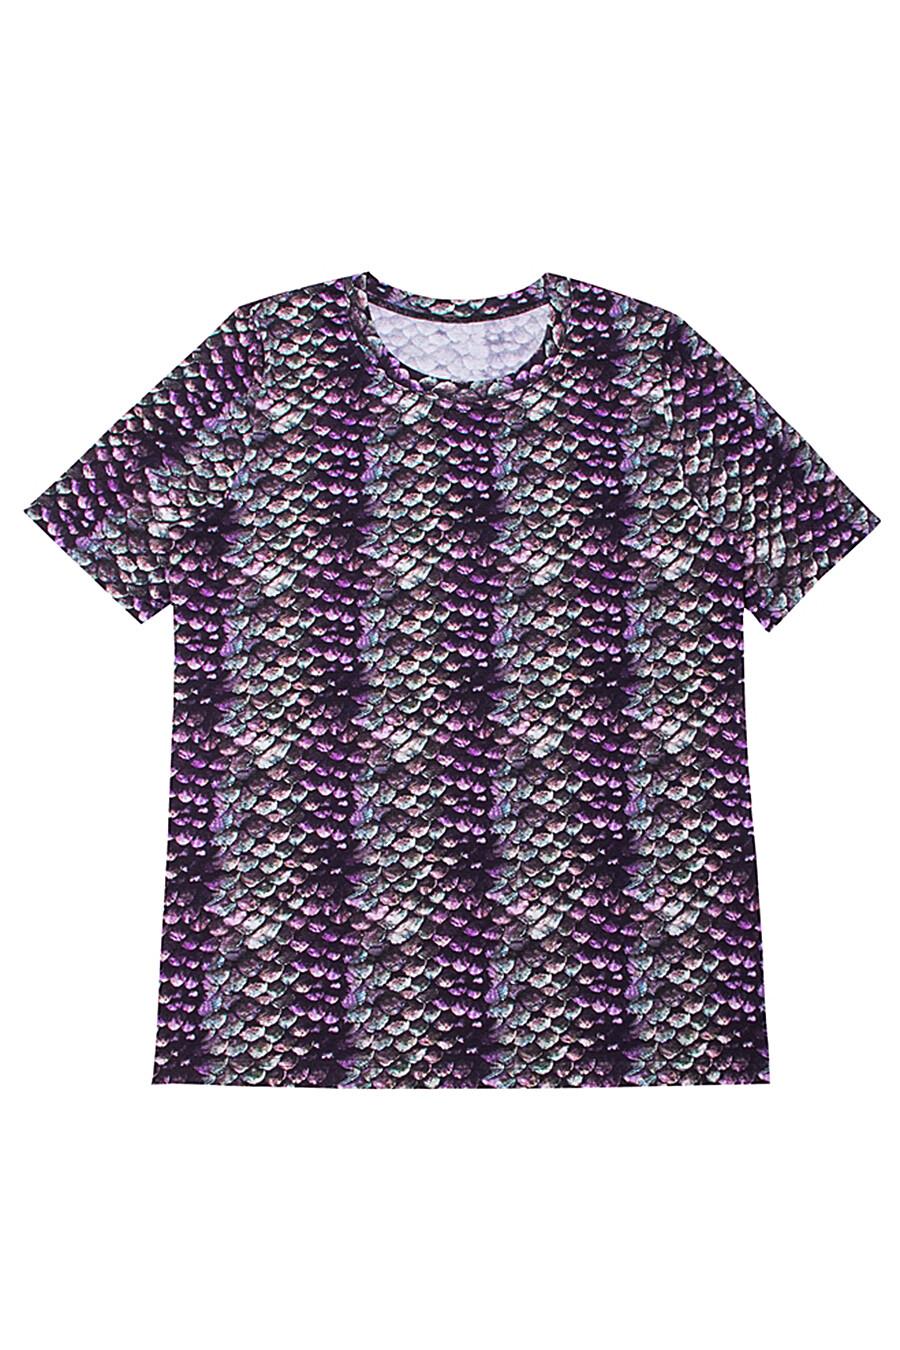 Джемпер для женщин Archi 130611 купить оптом от производителя. Совместная покупка женской одежды в OptMoyo